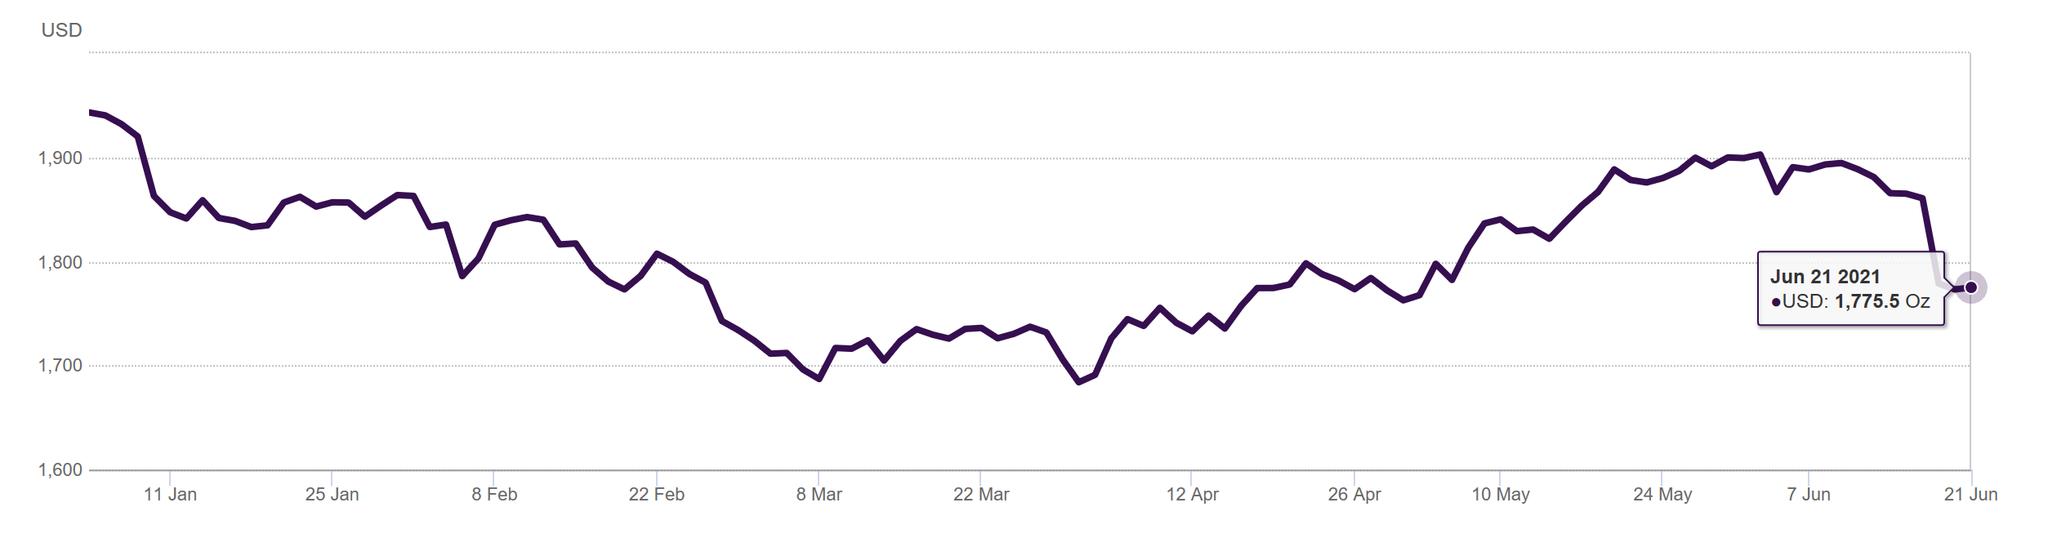 美联储释放加息预期,黄金价格重回下行通道?